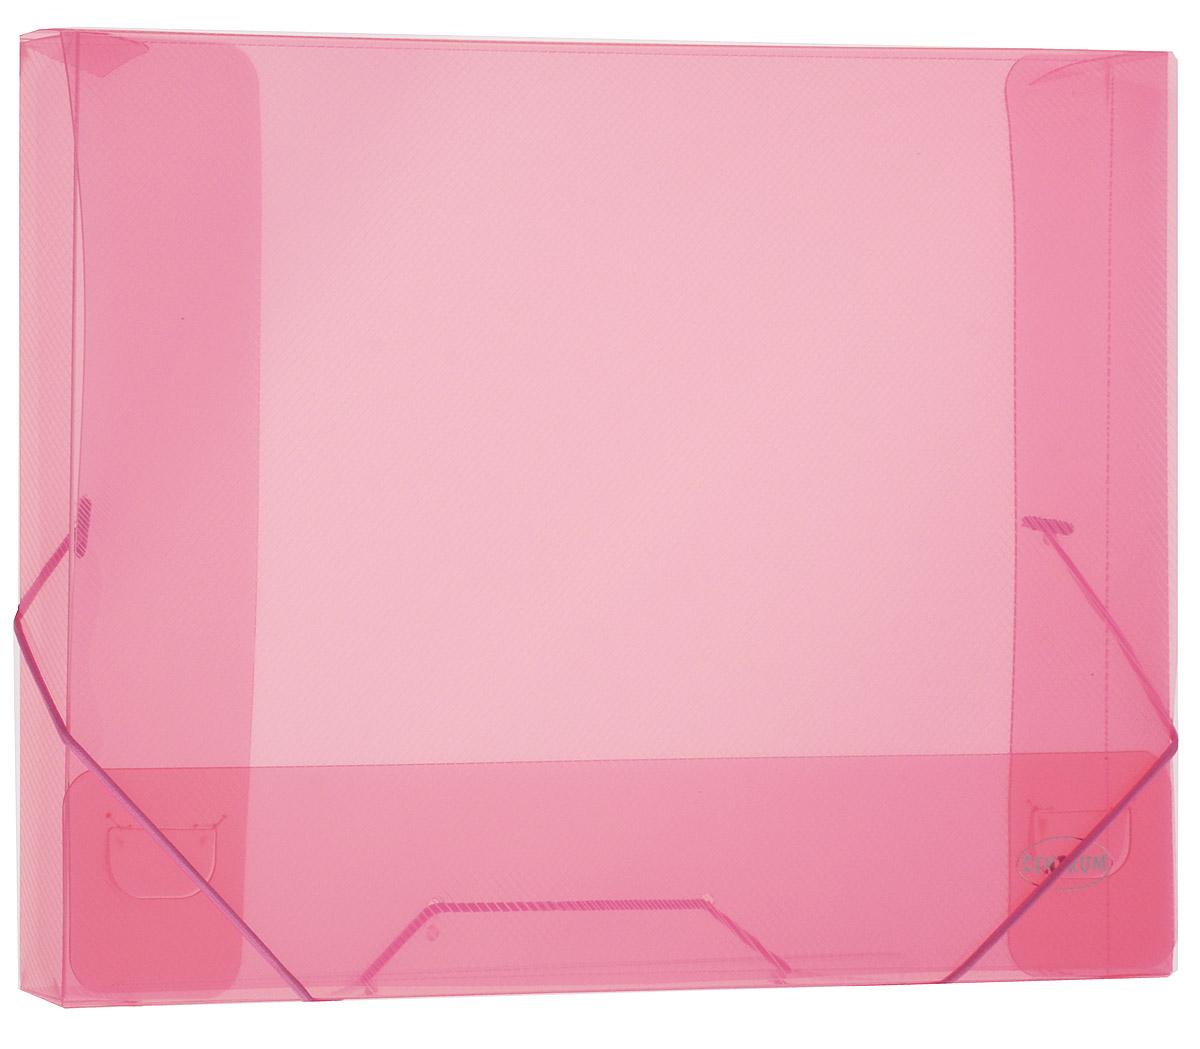 Centrum Папка на резинке цвет розовый